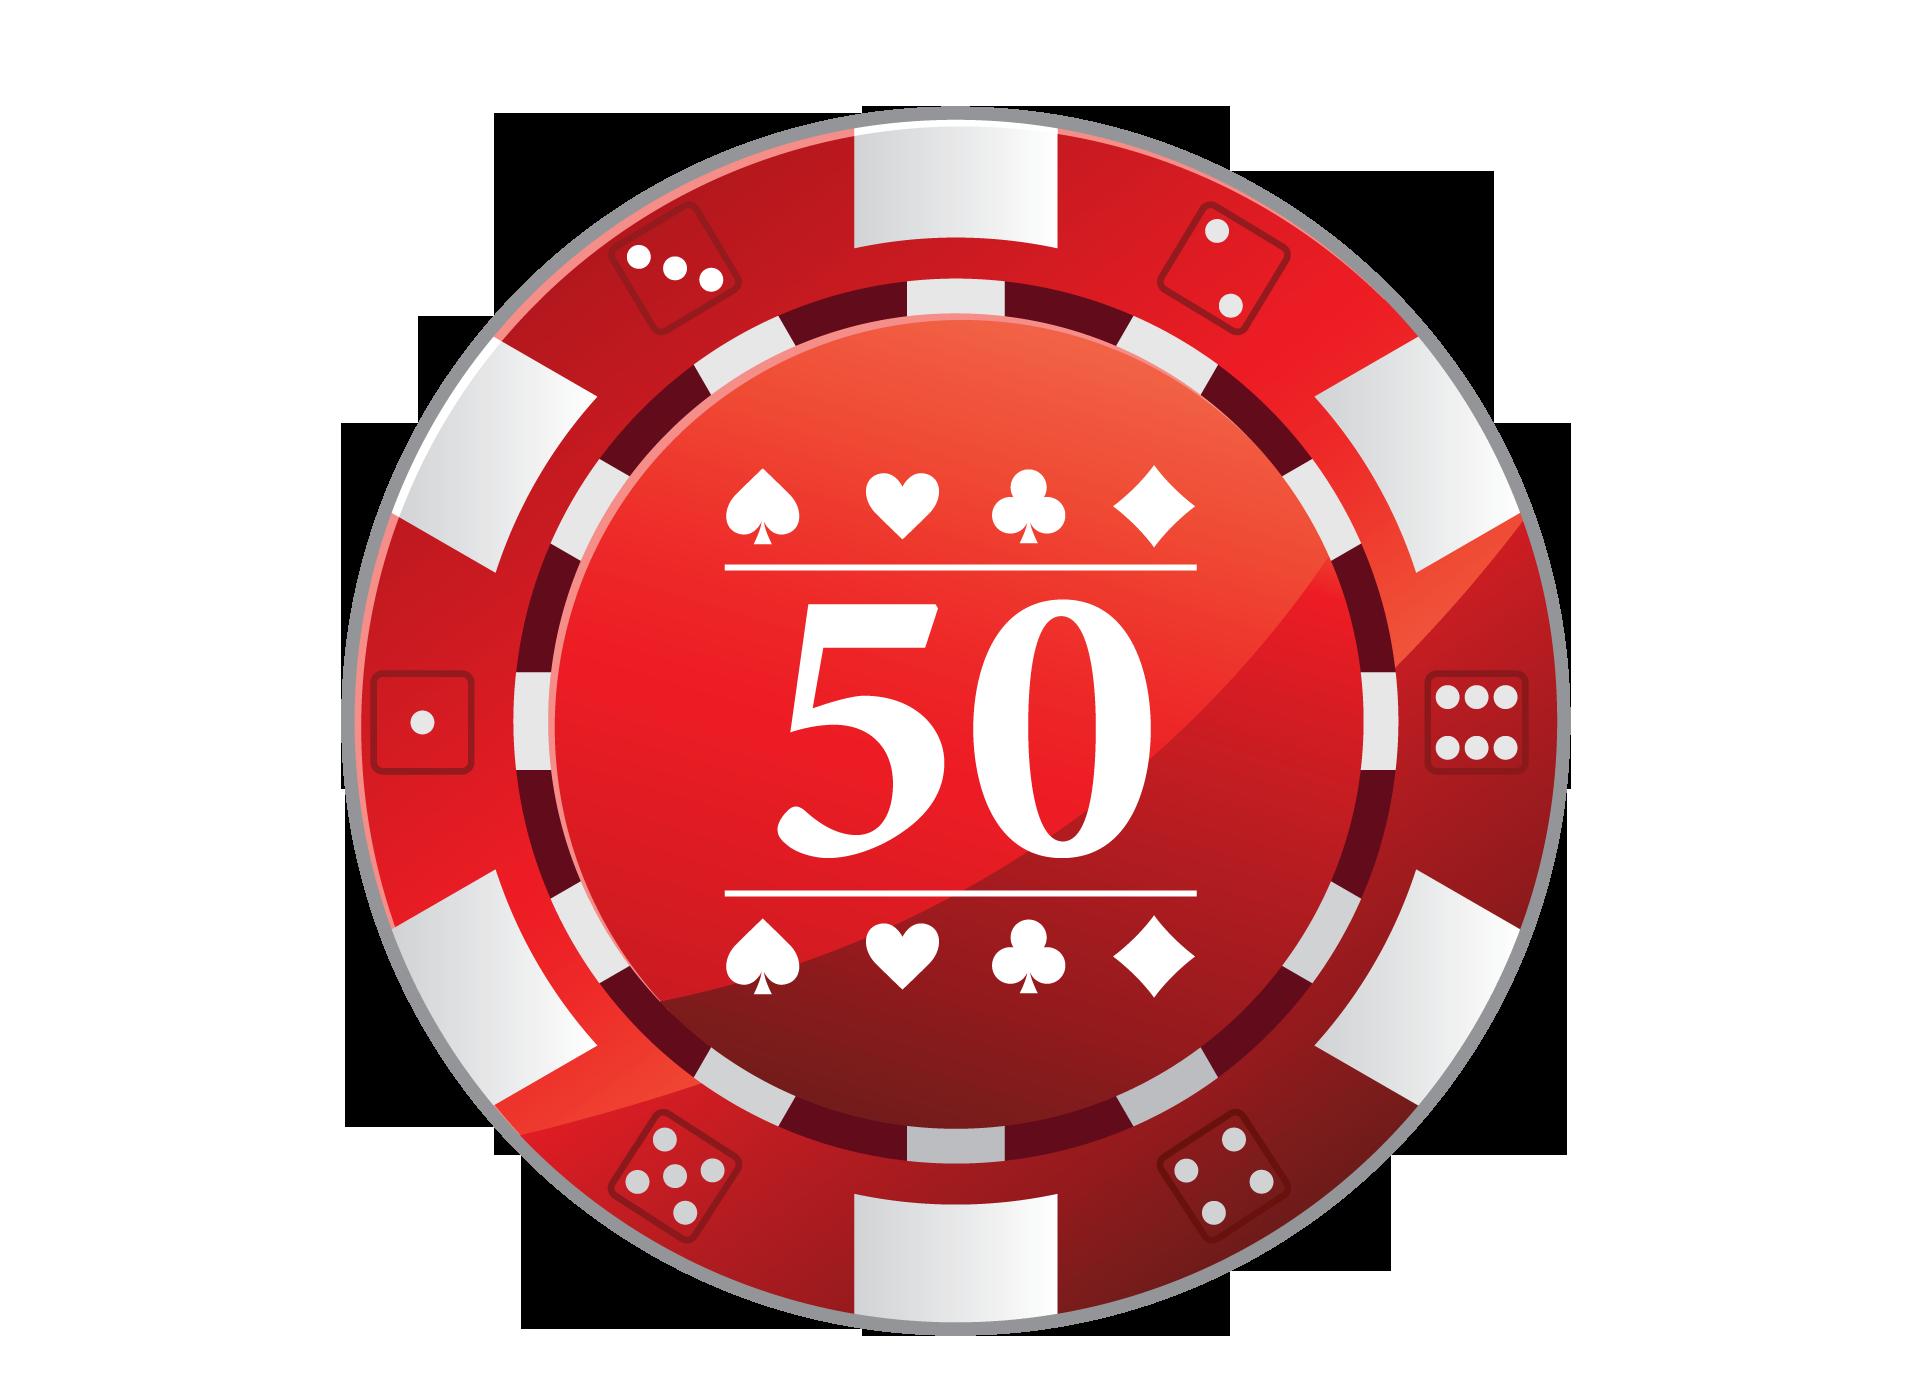 Poker Chips Cassino Rainha De Copas